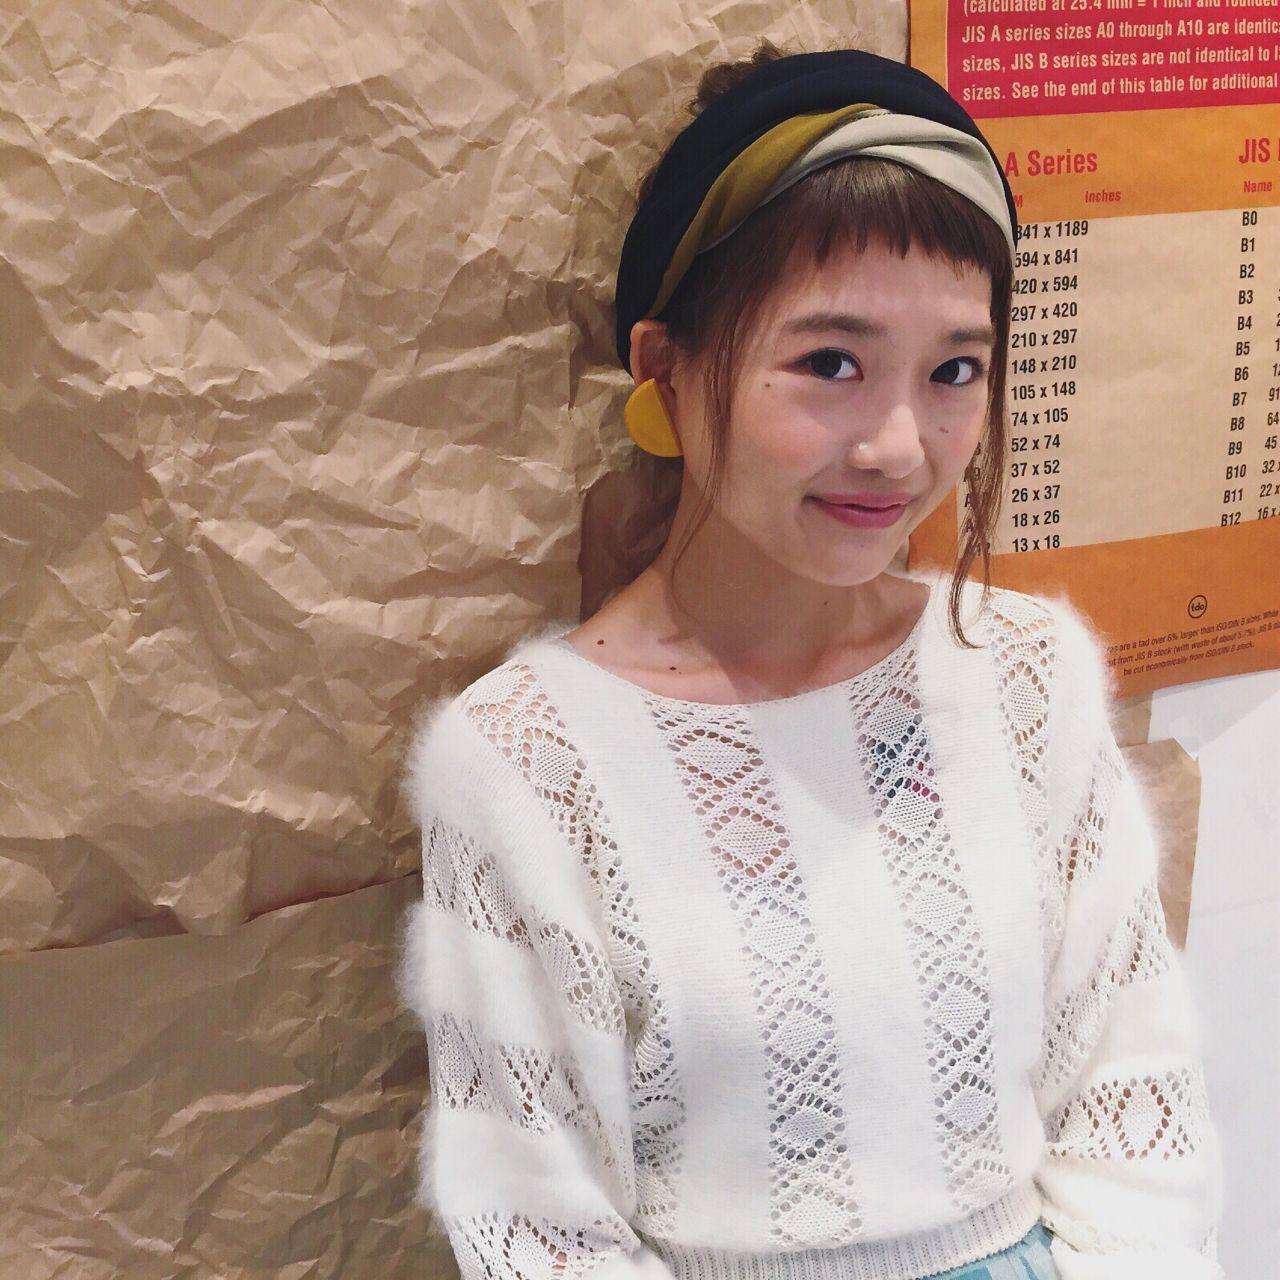 ポニーテール×スカーフで作る簡単可愛いヘアスタイル♡ Chihiro Hayakawa